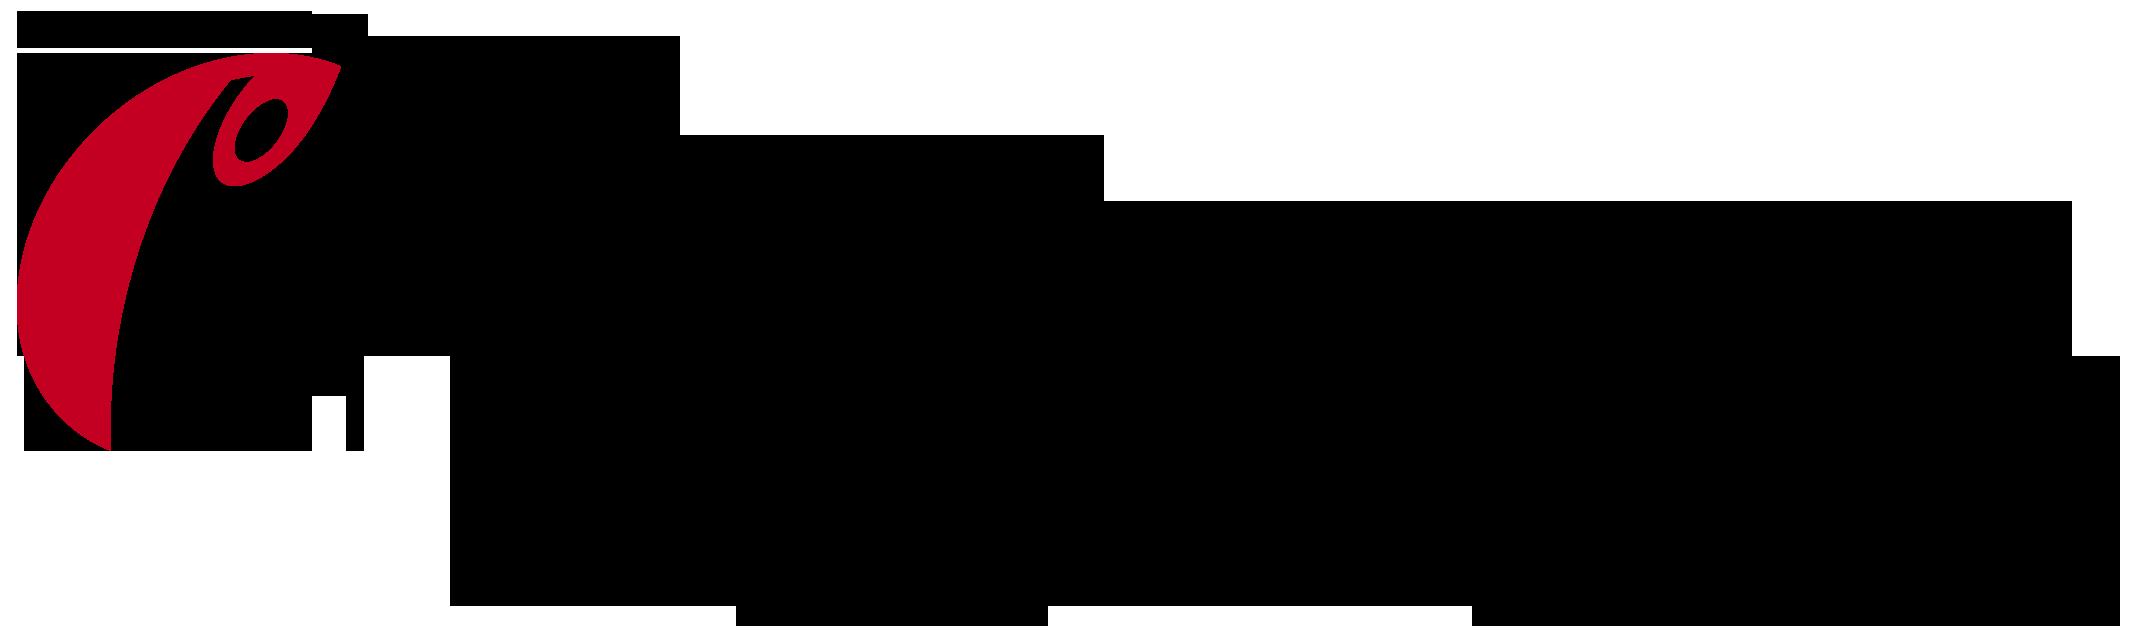 gr_logo_light